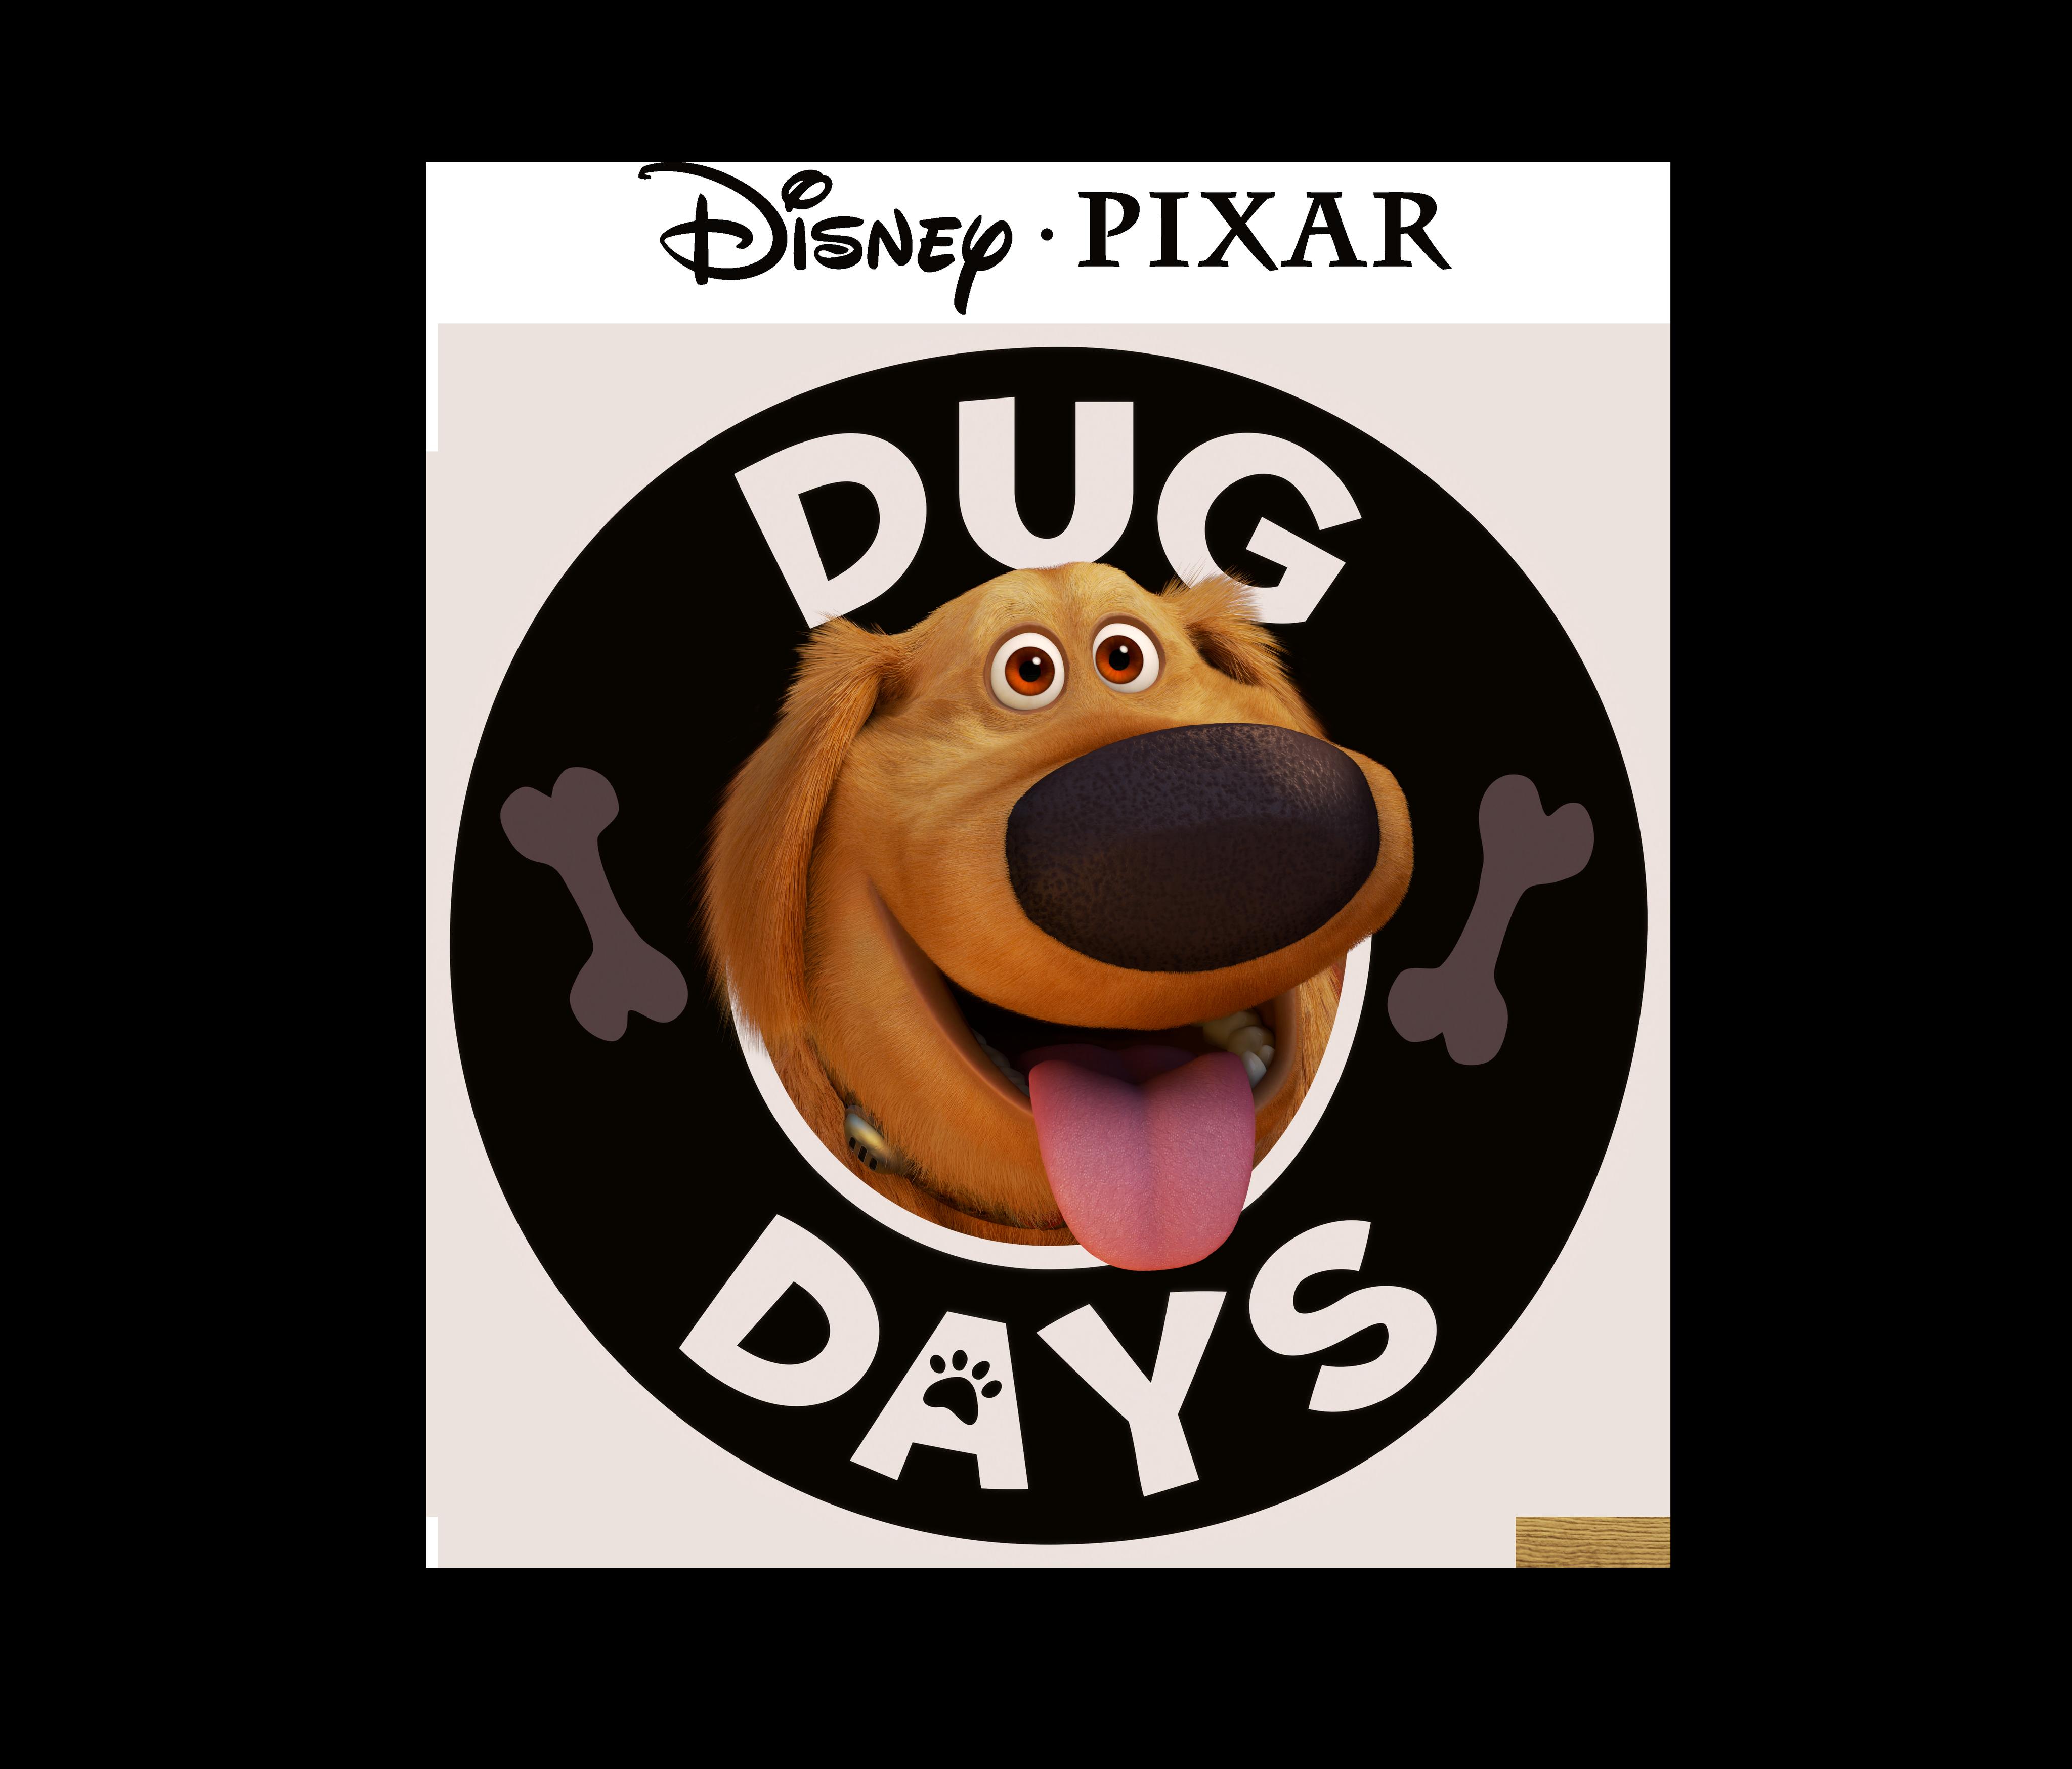 """Disney+ revela trailer e cartaz de """"A Vida de Dug"""""""